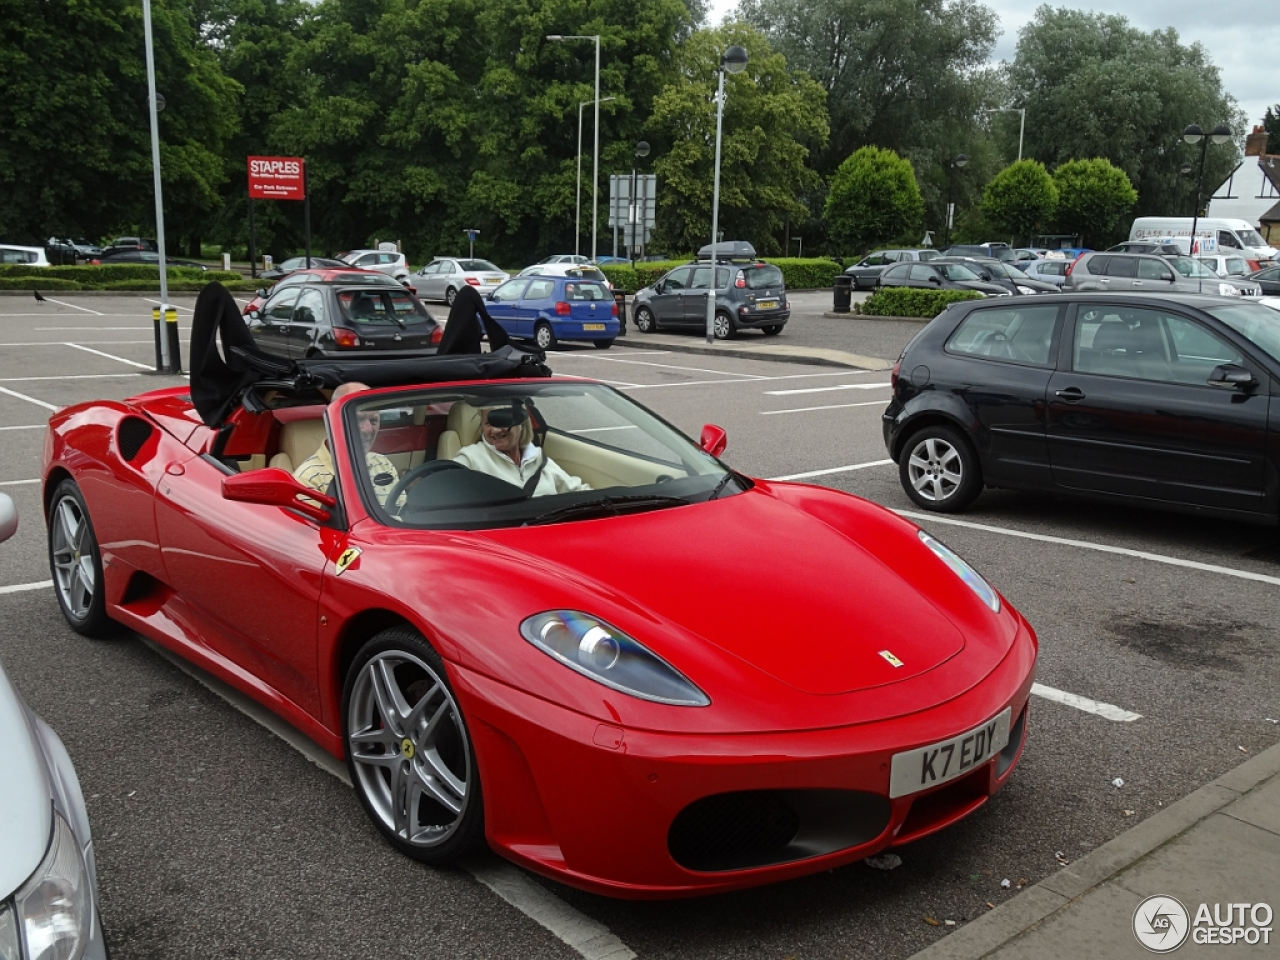 Ferrari F430 Spider 9 July 2013 Autogespot